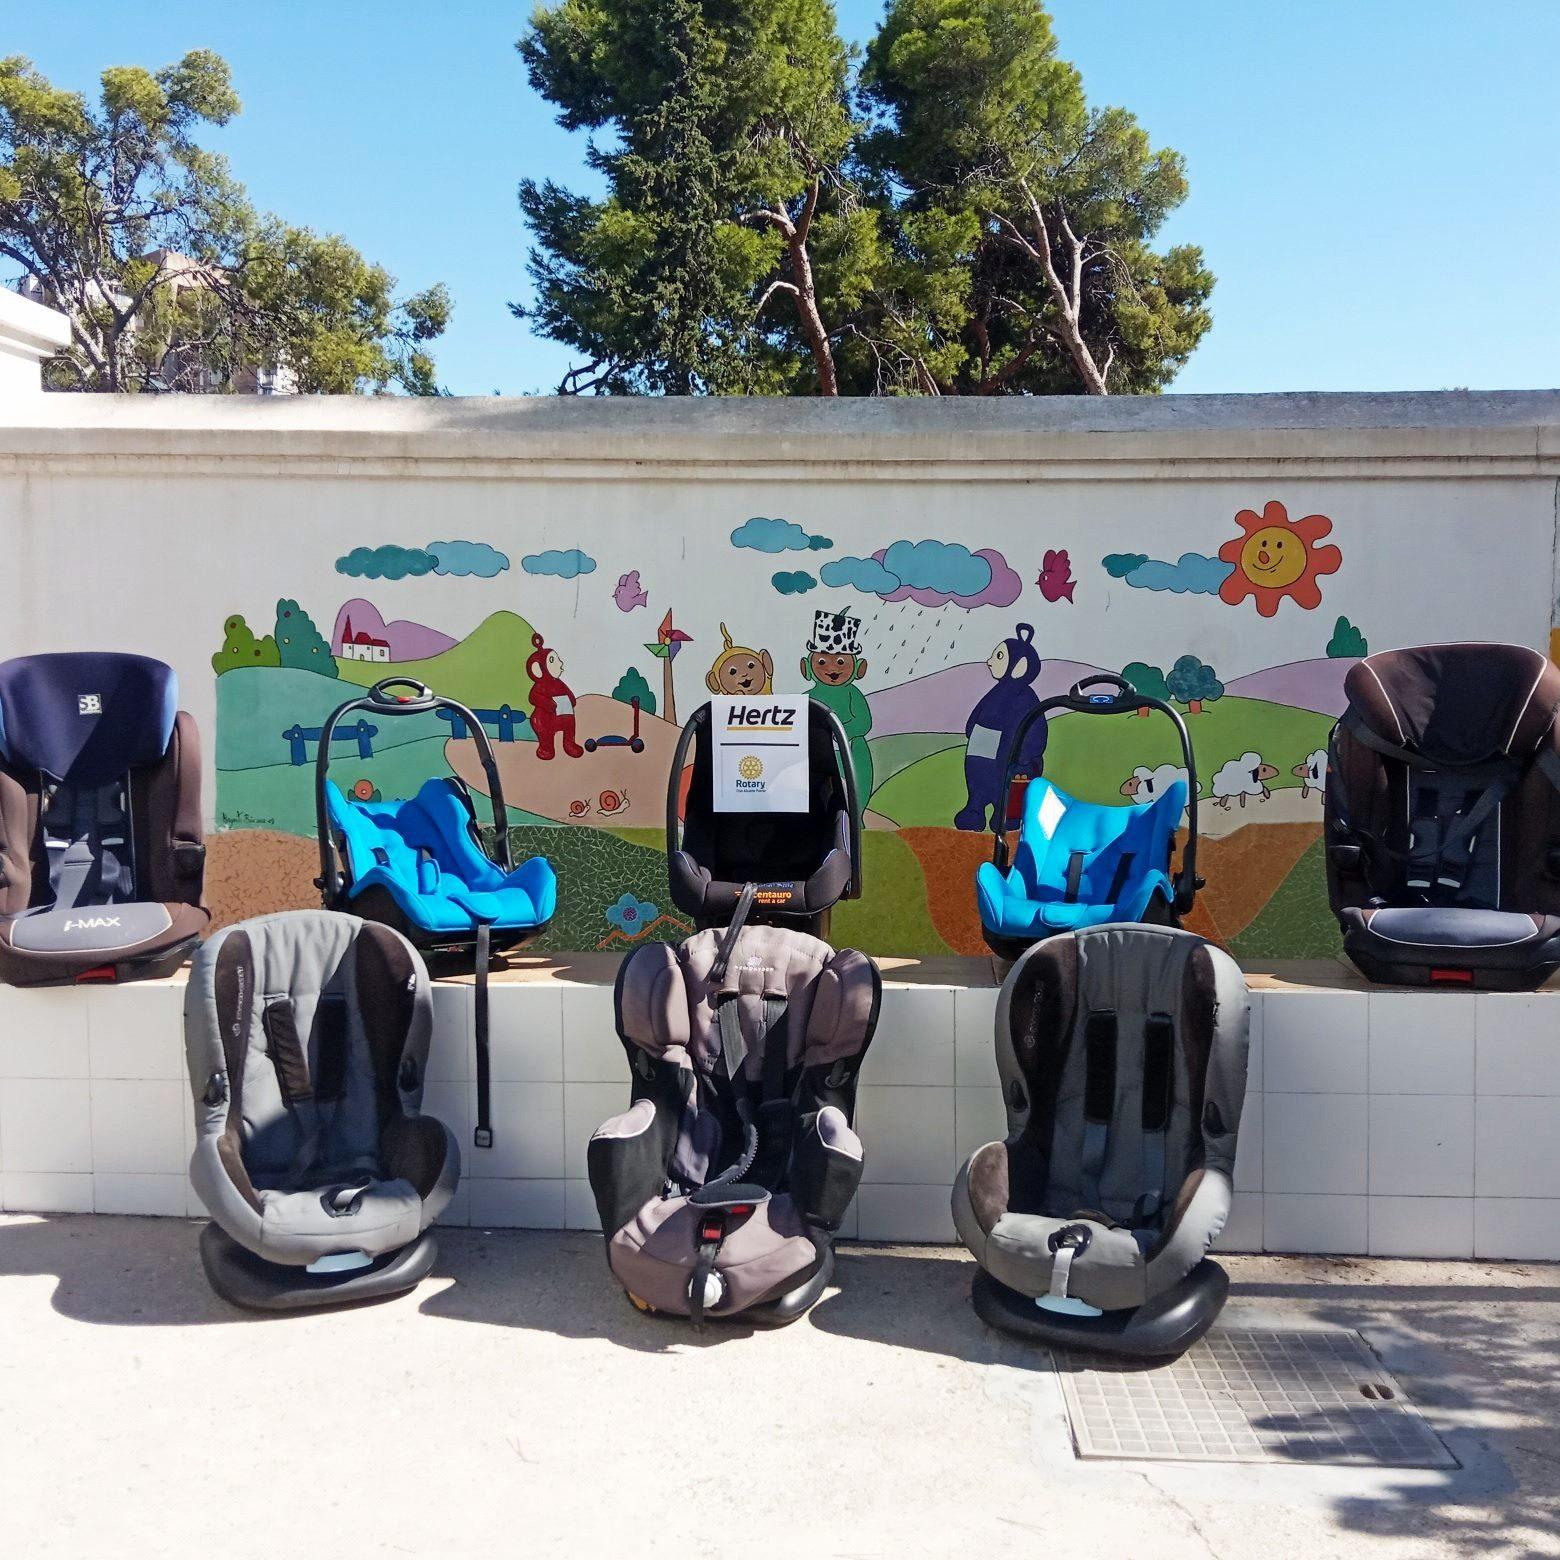 Hertz y Rotary Club Alicante Puerto entregan 8 sillas de vehículos para niños y bebés a la Casa de Acogida Margarita Nasseau